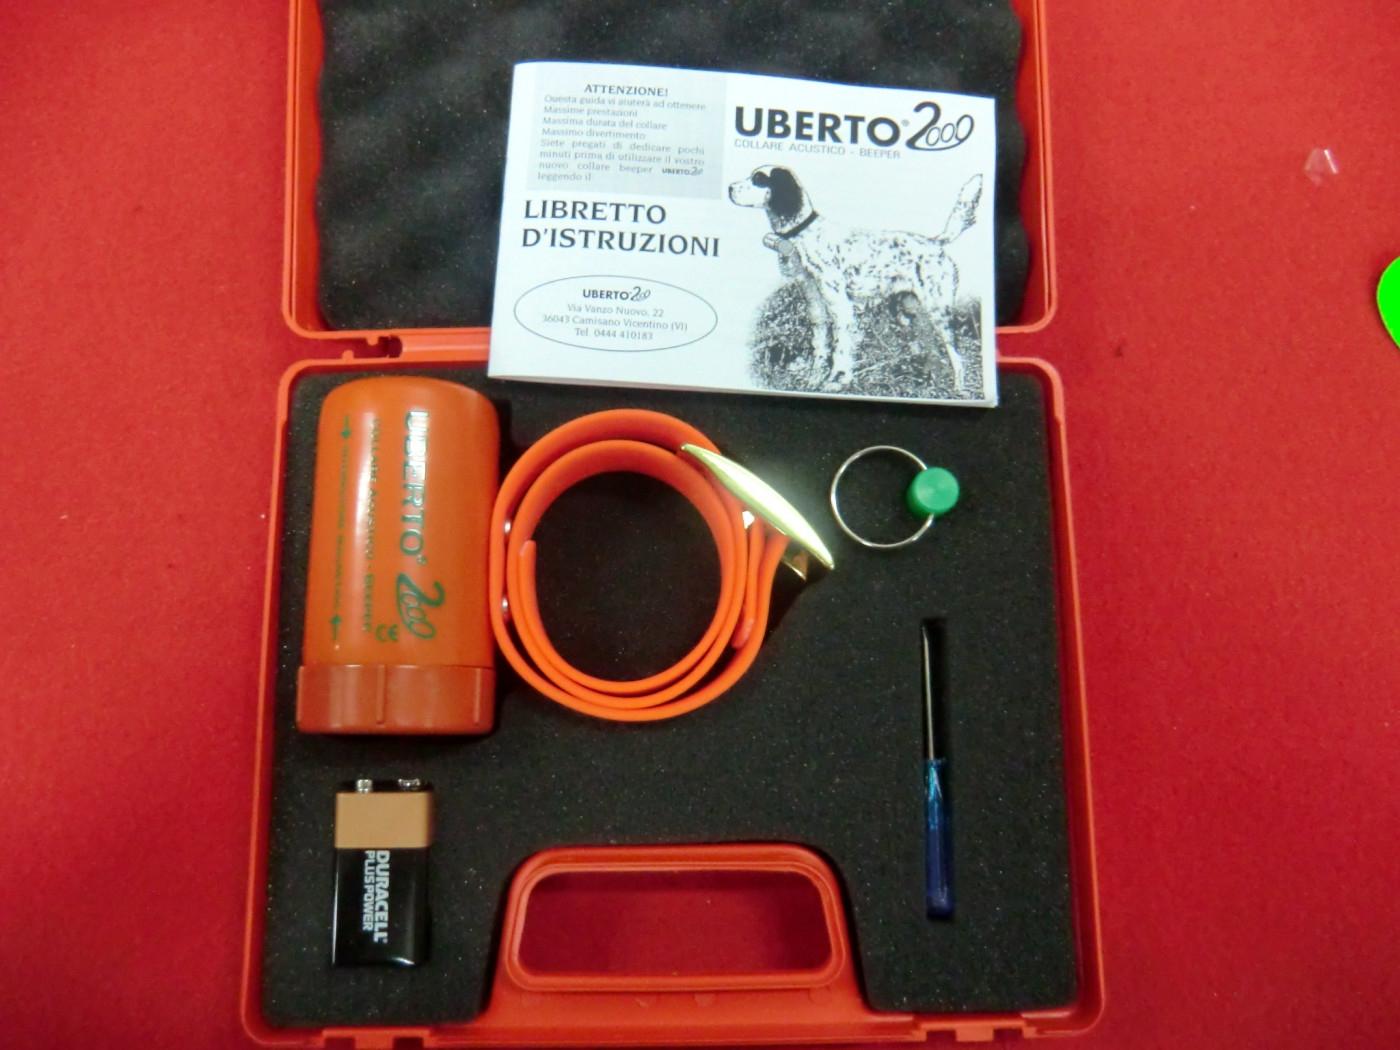 BEEP UBERTO 2000